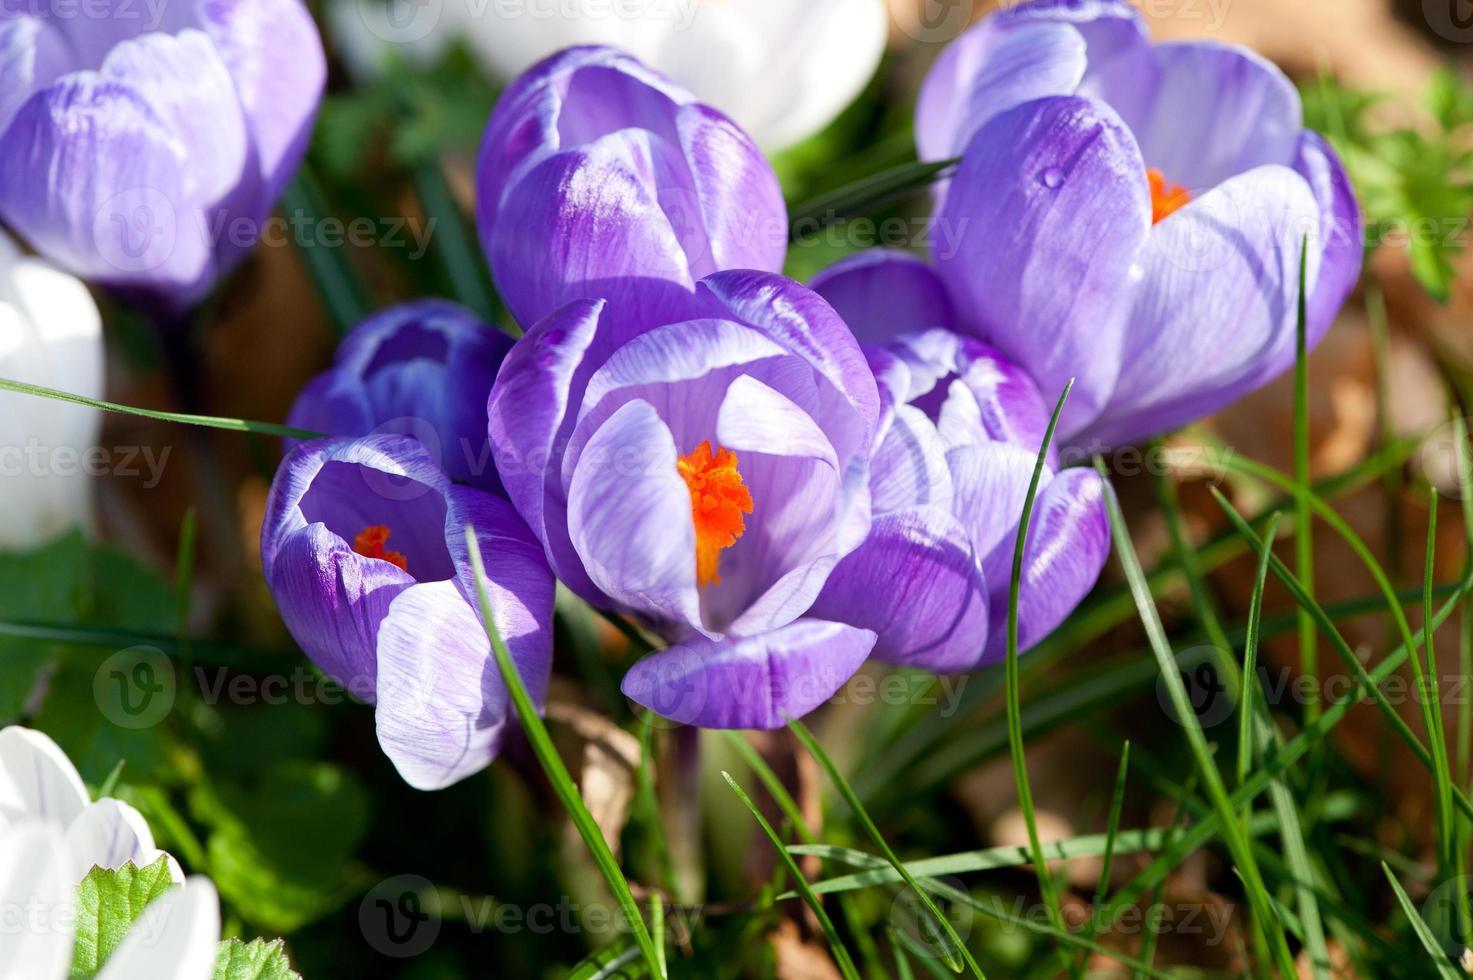 lila krokus närbild. foto